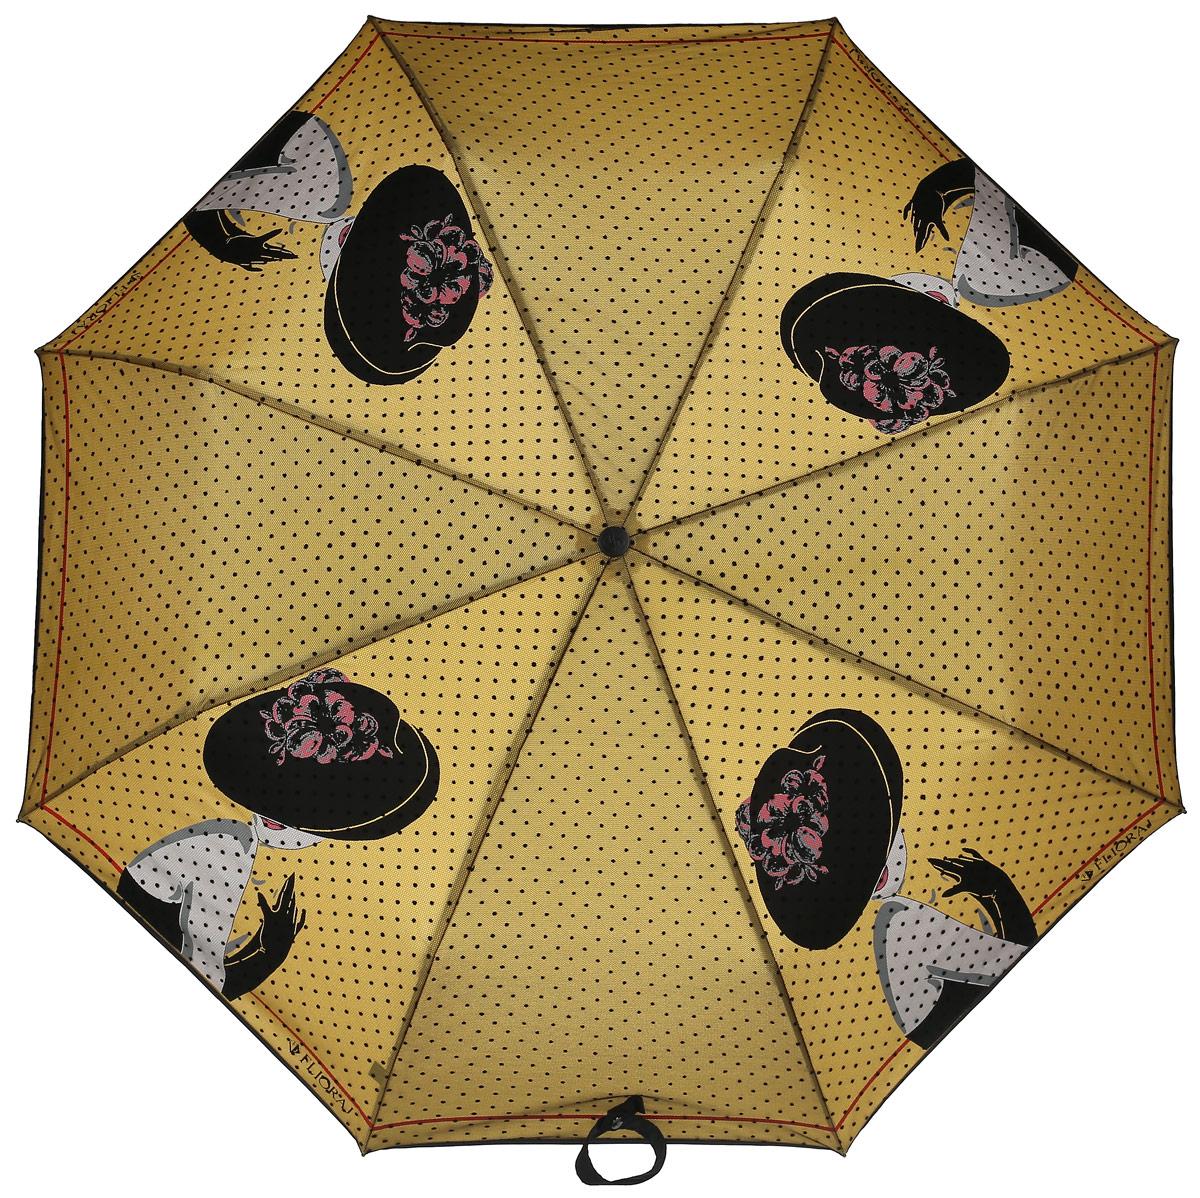 Зонт женский Flioraj, автомат, 3 сложения, цвет: бежевый. 22004 FJ22004 FJСтильный, элегантный зонт для женщин не позволит затеряться вам в толпе. Образ яркой незнакомки долго еще будет преследовать встречных мужчин. Специально разработанная эргономичная ручка позволит удобно держать зонт при любых порывах ветра. Уникальный каркас из анодированной стали, карбоновые спицы помогут выдержать натиск ураганного ветра. Улучшенный механизм зонта, максимально комфортная ручка держателя, увеличенный в длину стержень, тефлоновая пропитка материала купола - совершенство конструкции с изысканностью изделия на фоне конкурентоспособной цены.